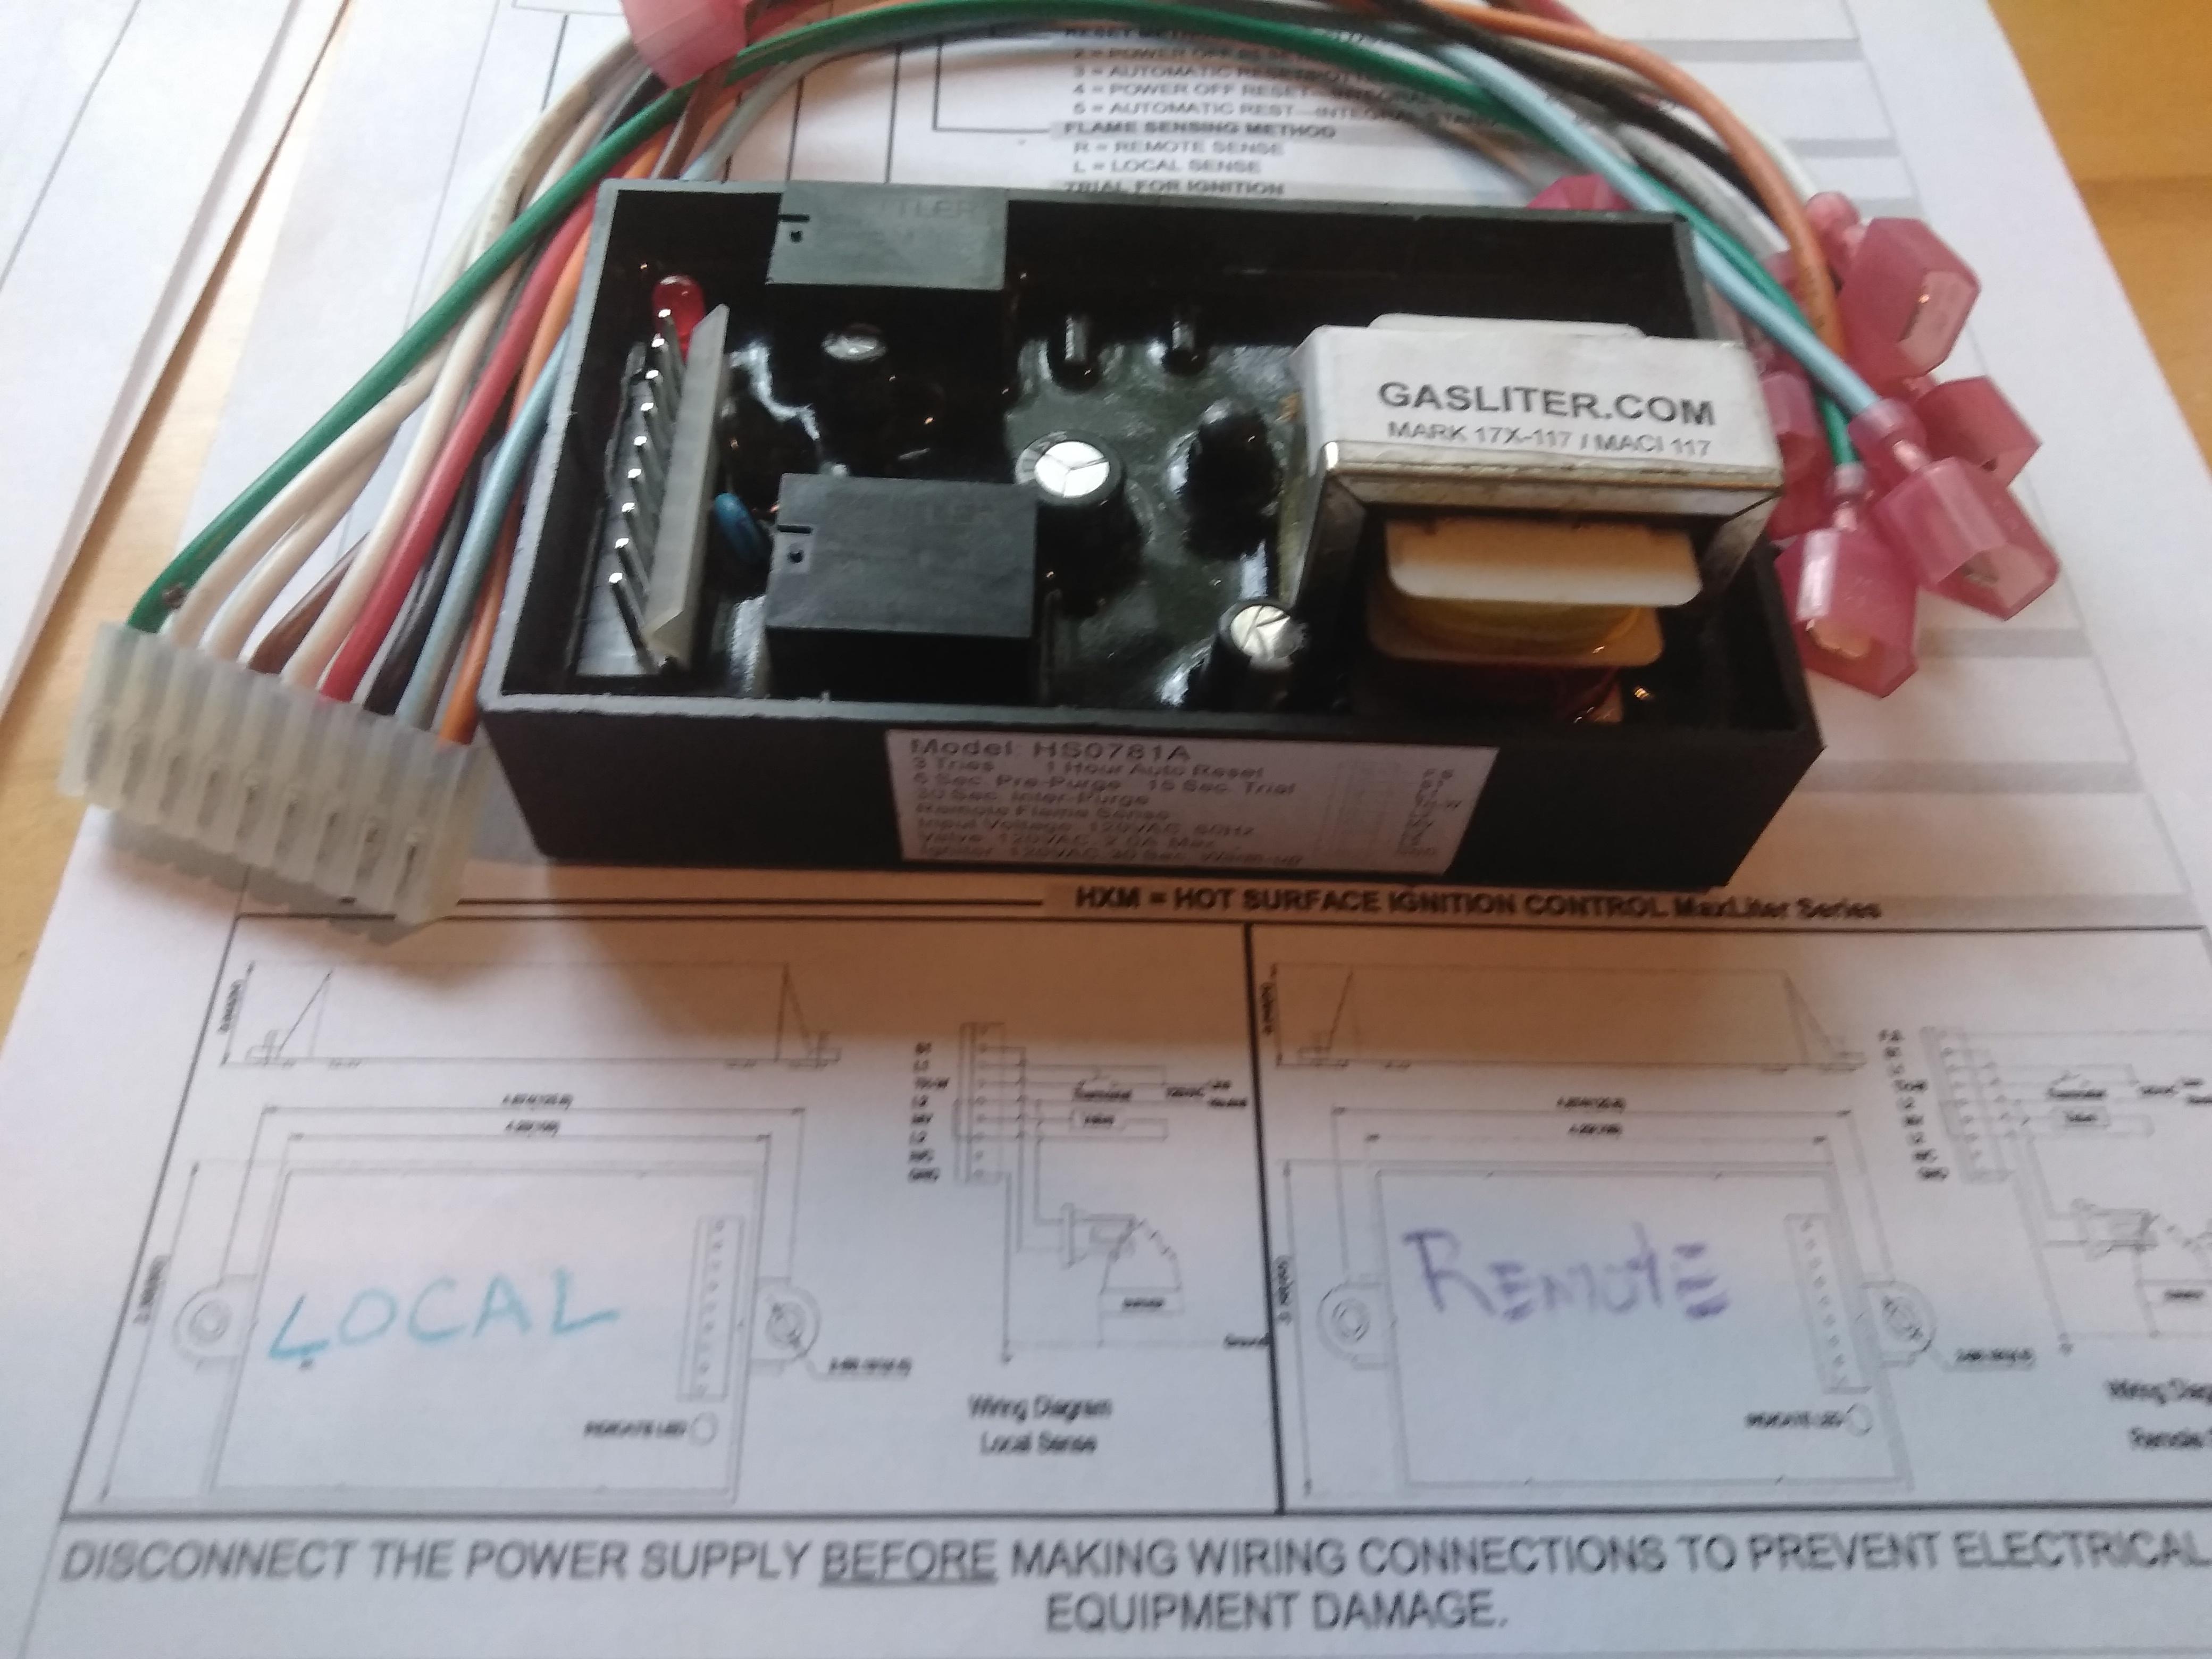 fenwal ignition module wiring diagram fenwal ignition module wiring diagram for 35 725206 117 wiring  fenwal ignition module wiring diagram